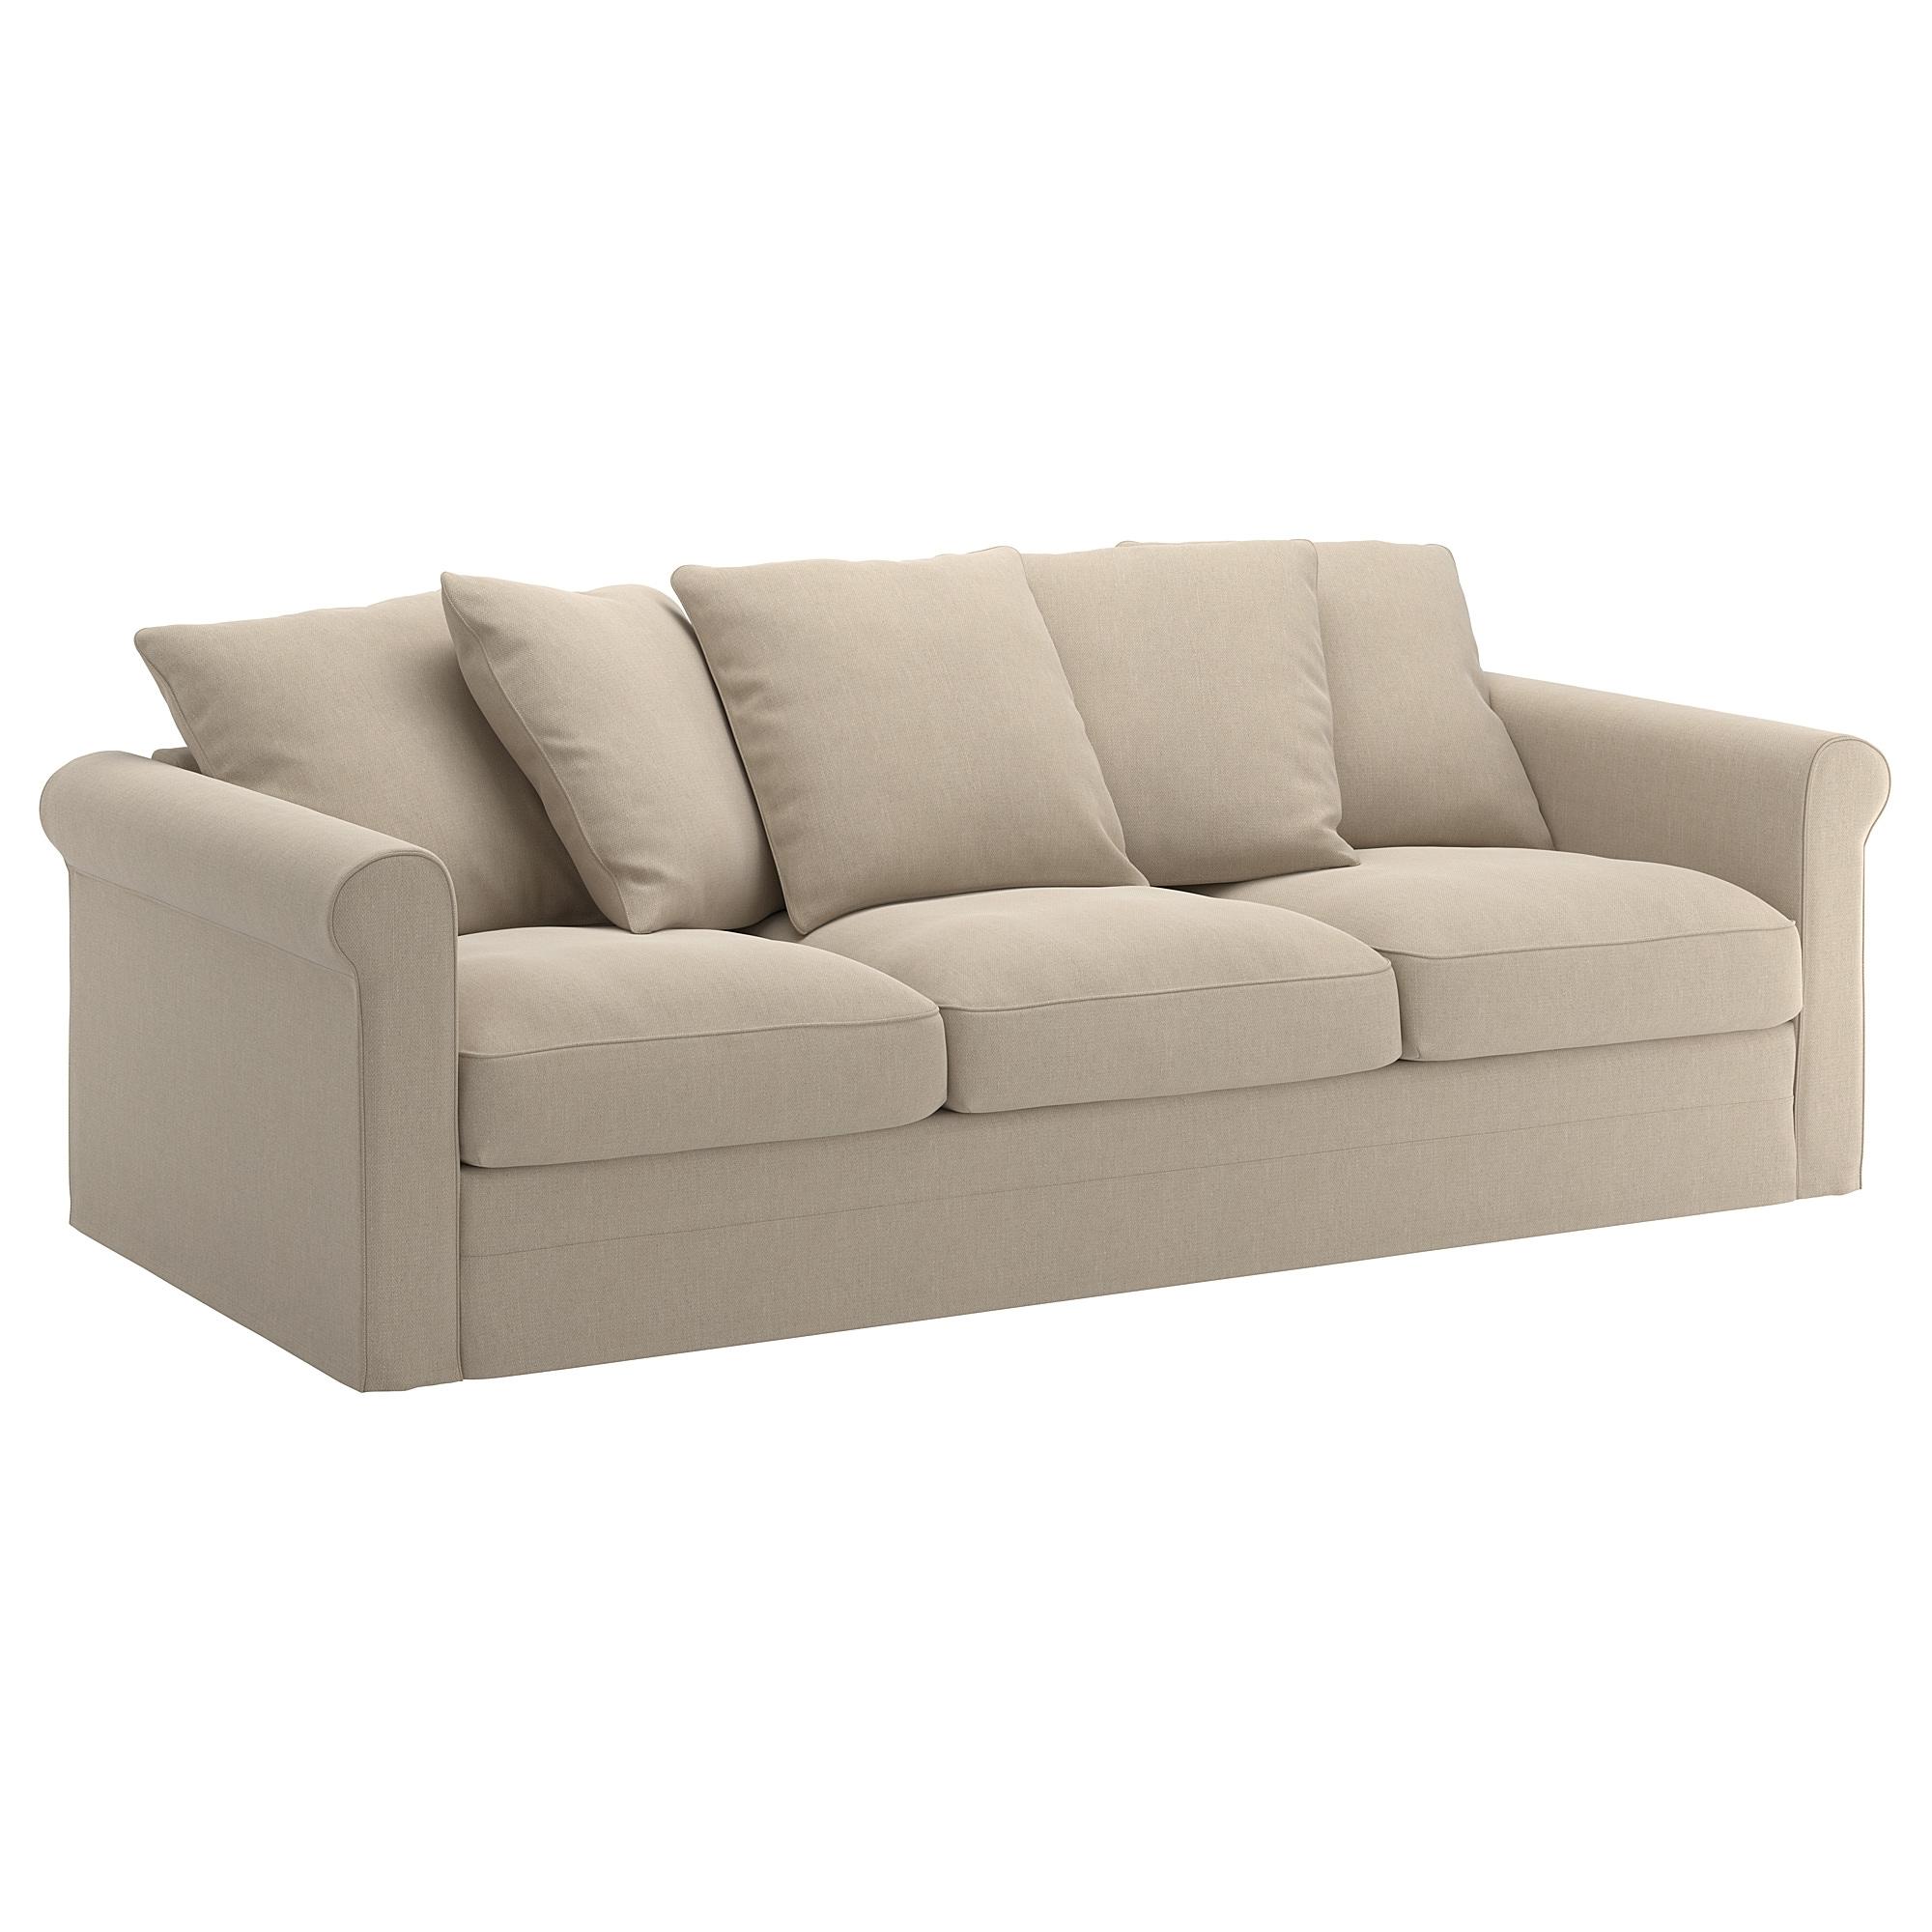 Sofas 3 Plazas E6d5 Grà Nlid sofà 3 Plazas Sporda Natural Ikea